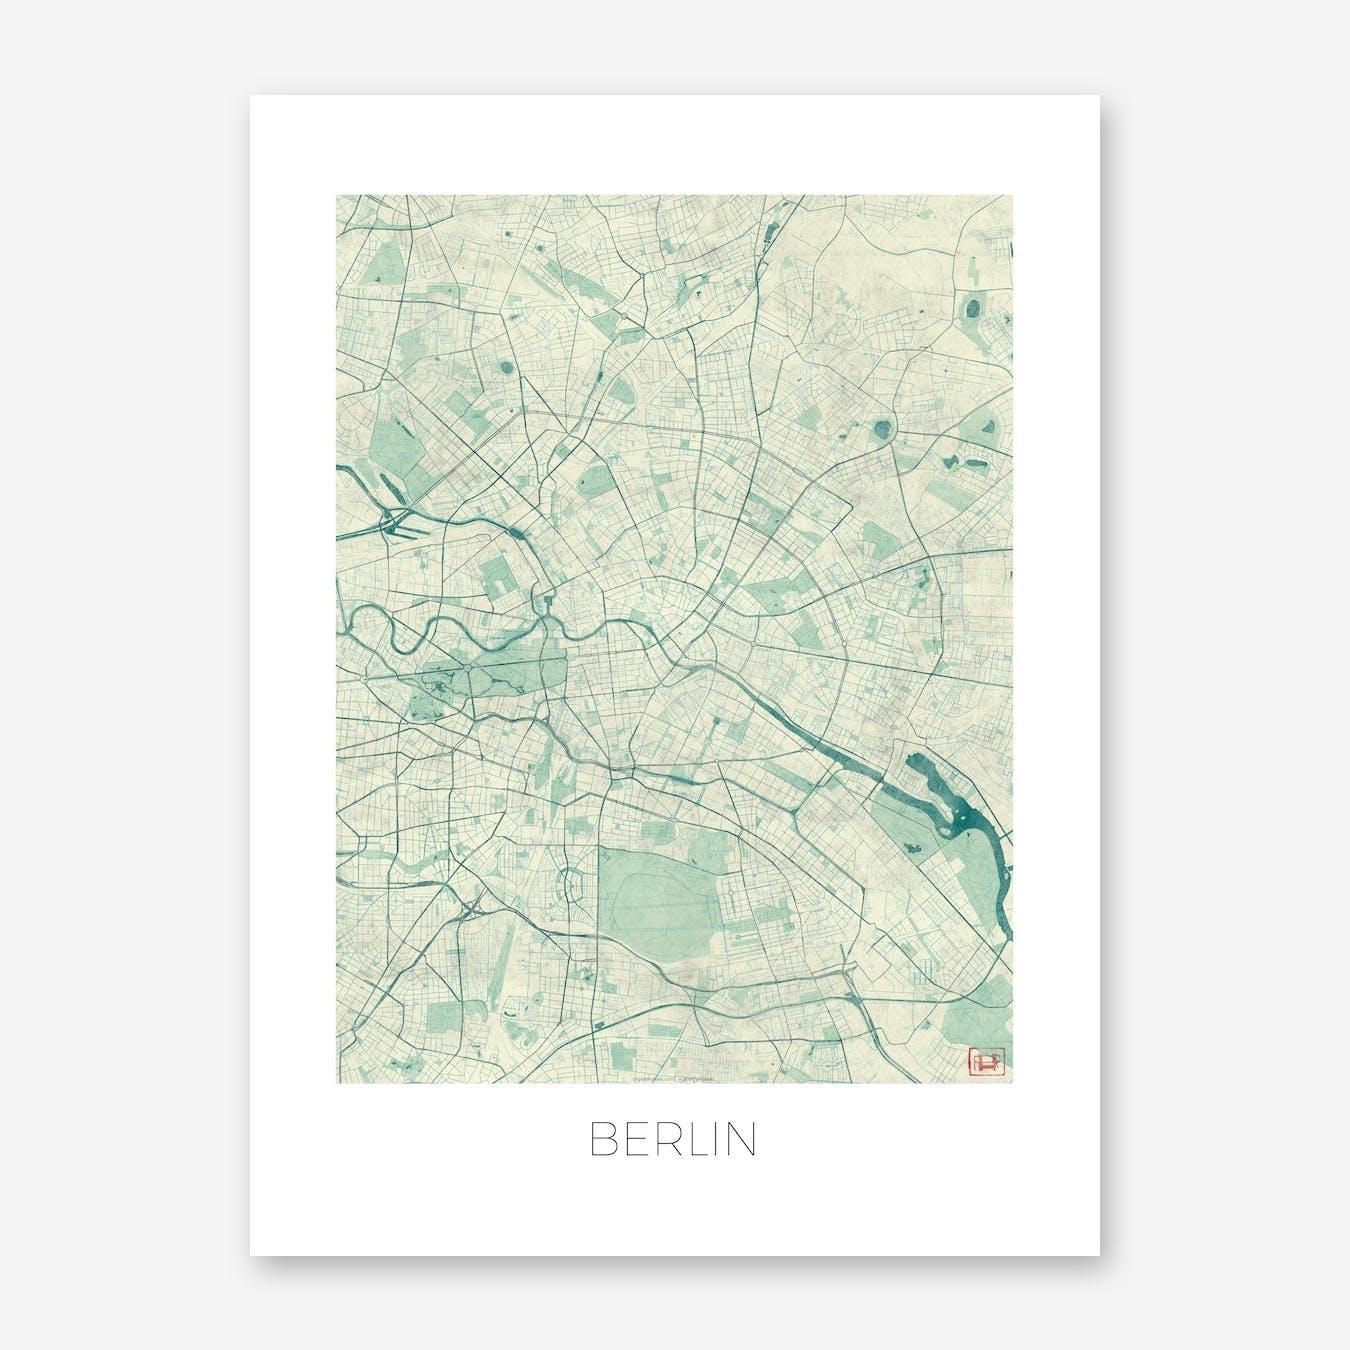 Berlin Map Vintage in Blue